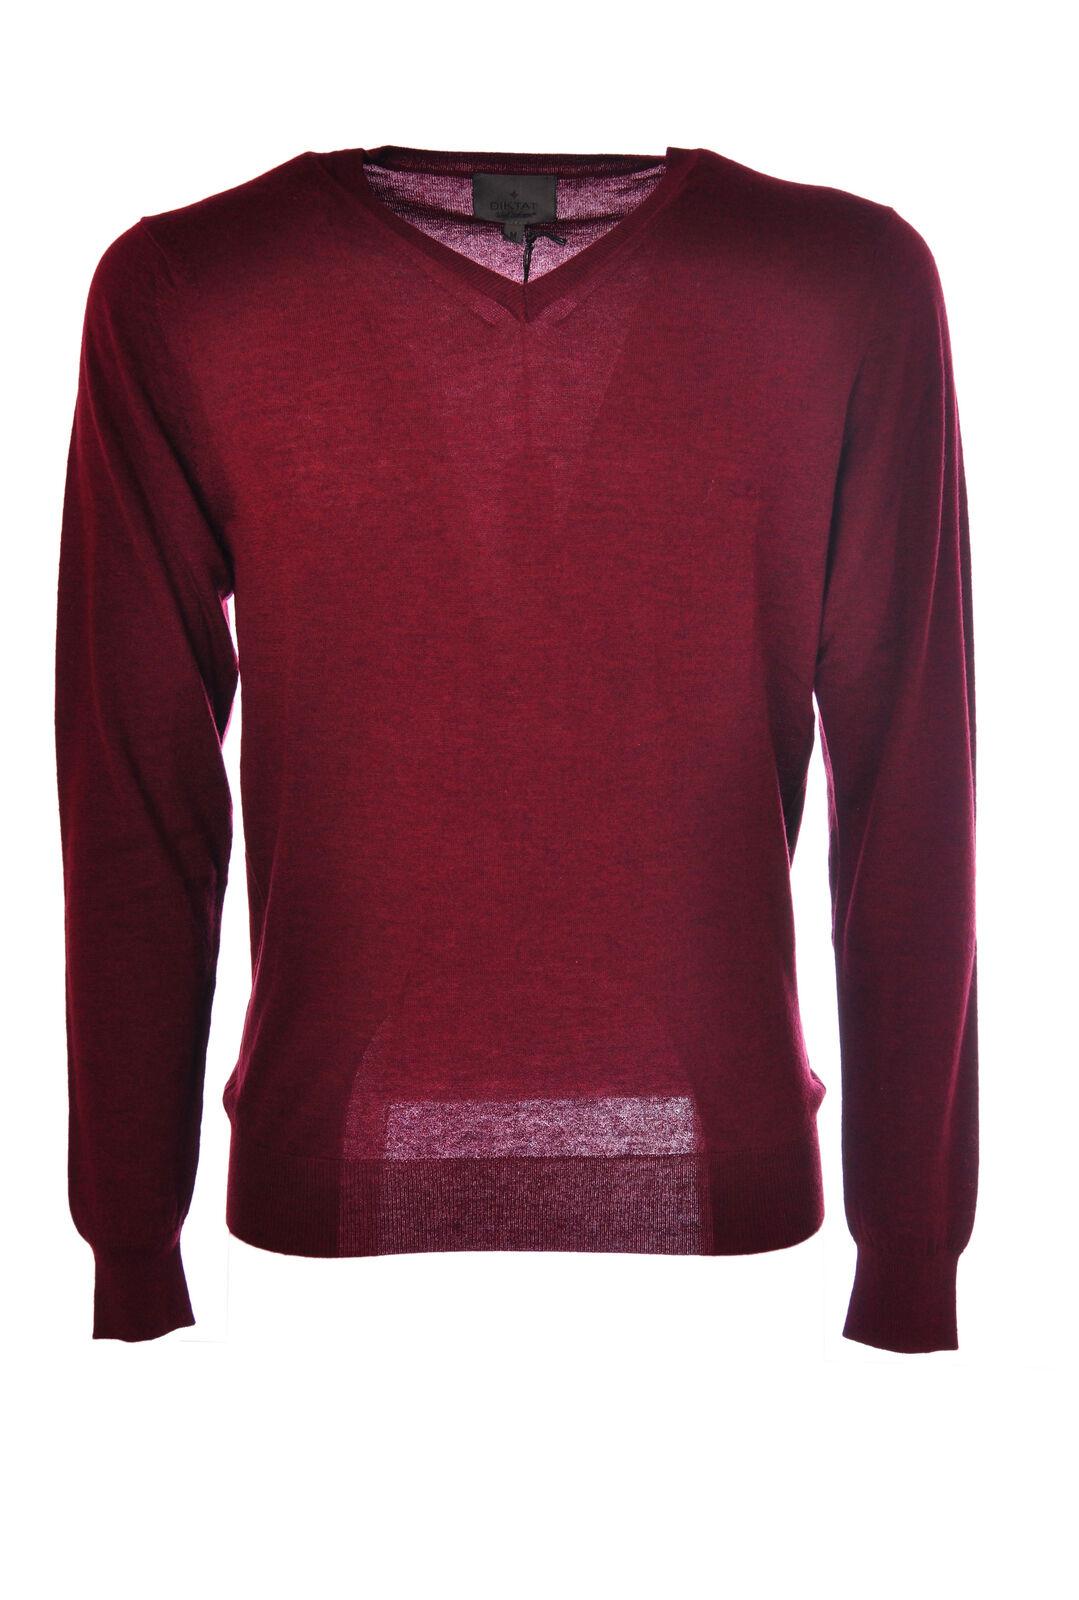 Diktat  -  Sweaters - Male - ROT - 2808330N173607